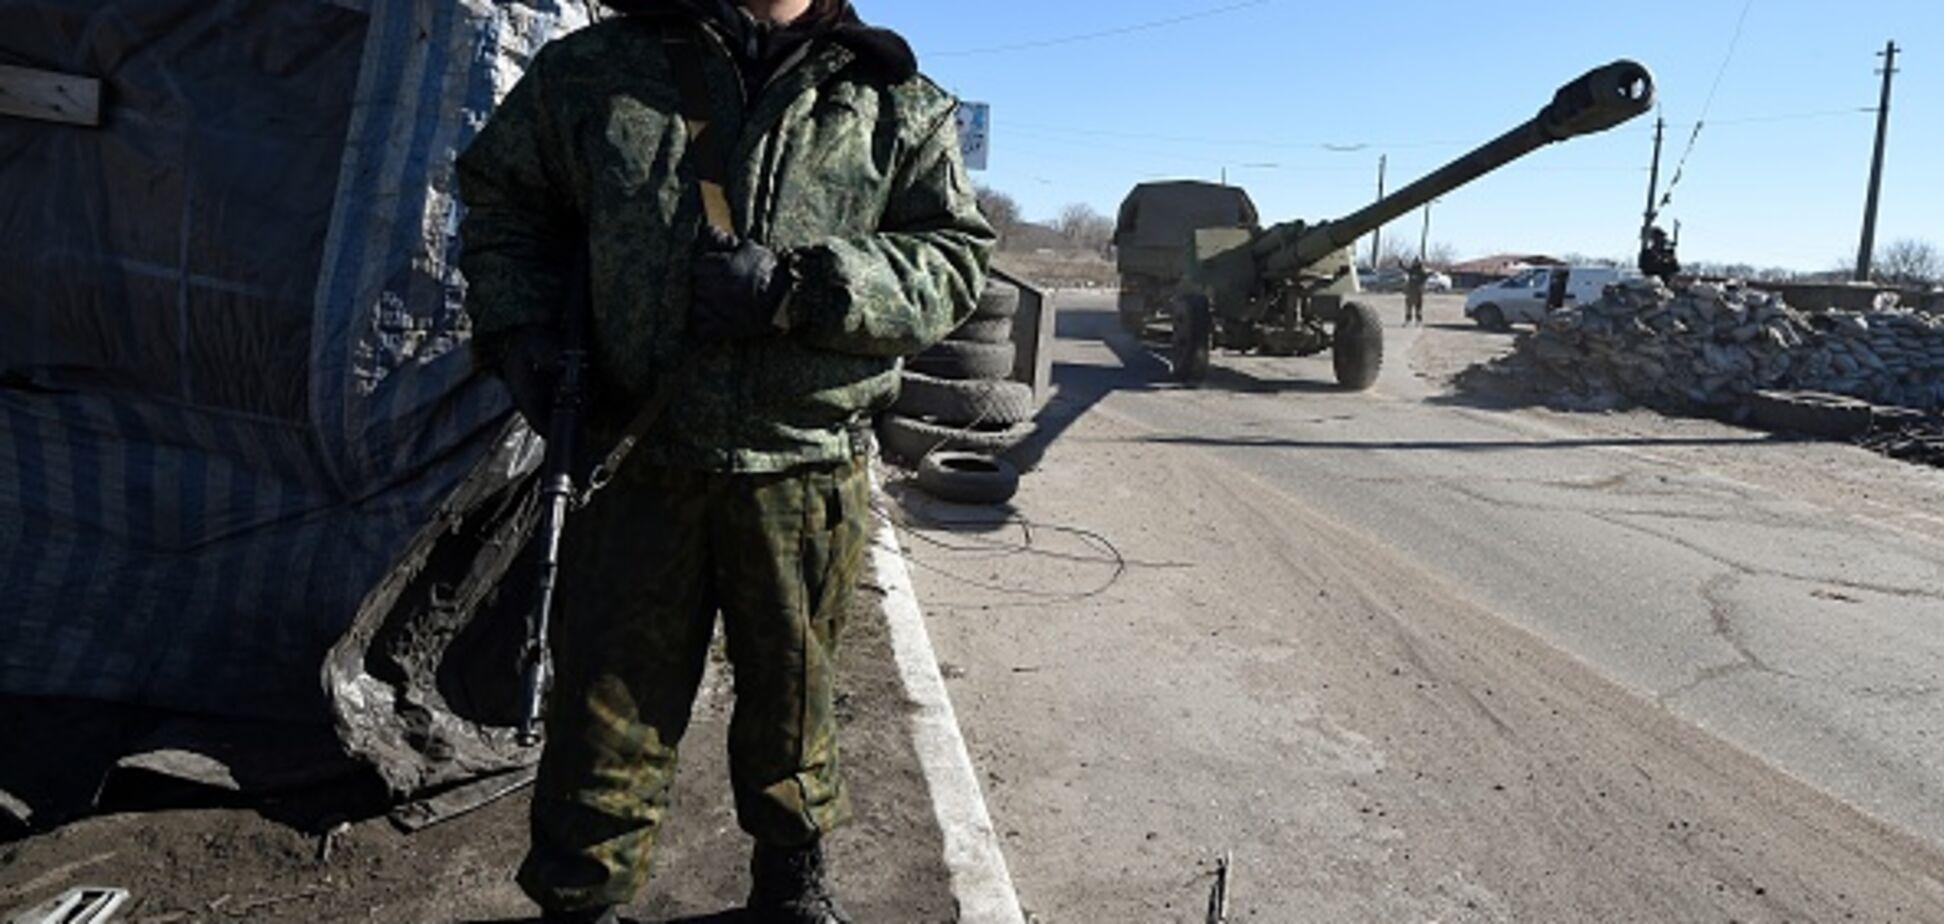 Допомога прибула: терористи пішли на нову провокацію в Луганську